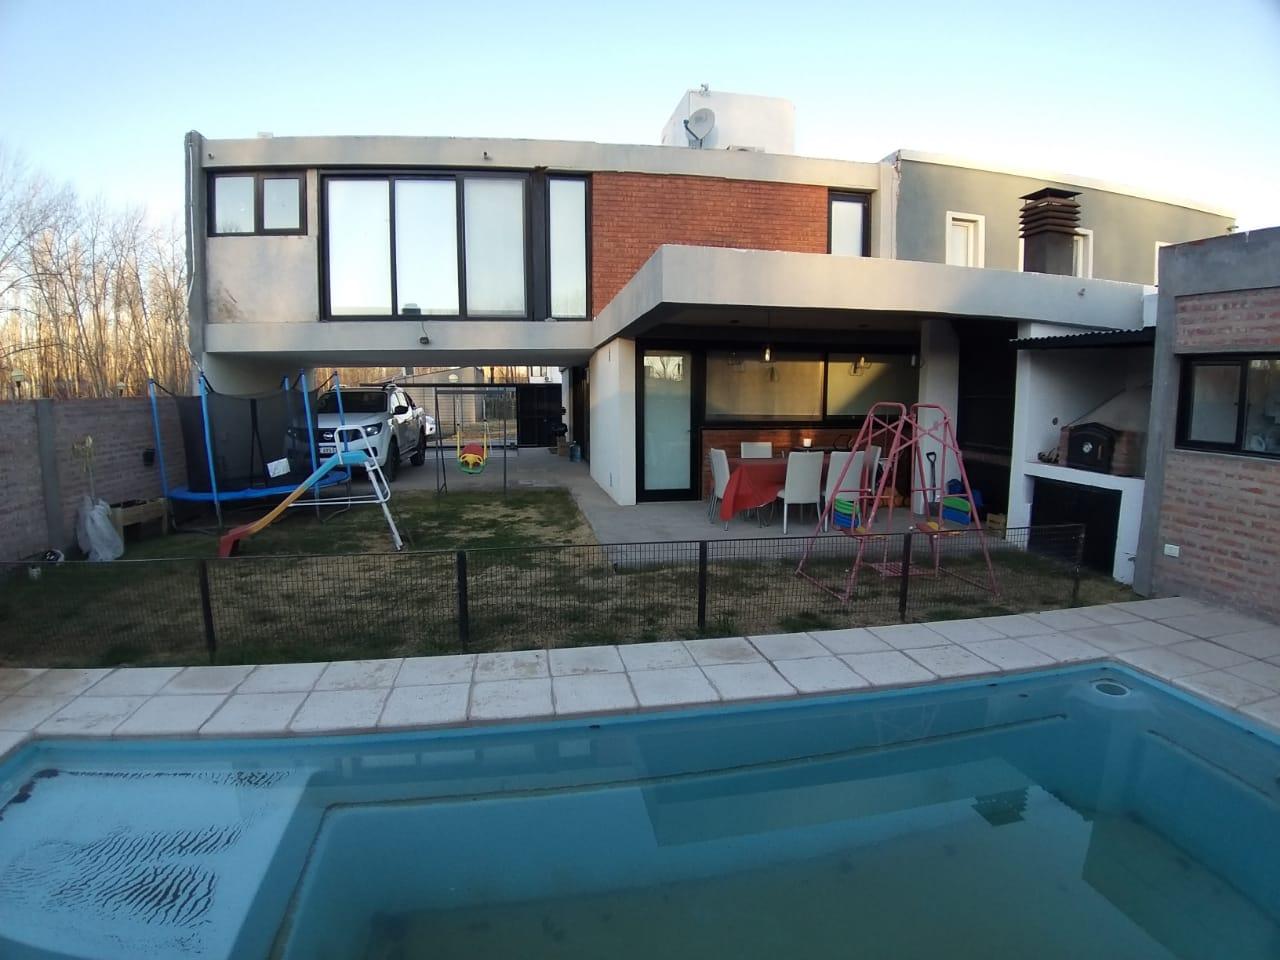 Casa 2 dormitorios con piscina. Posibilidad ampliación